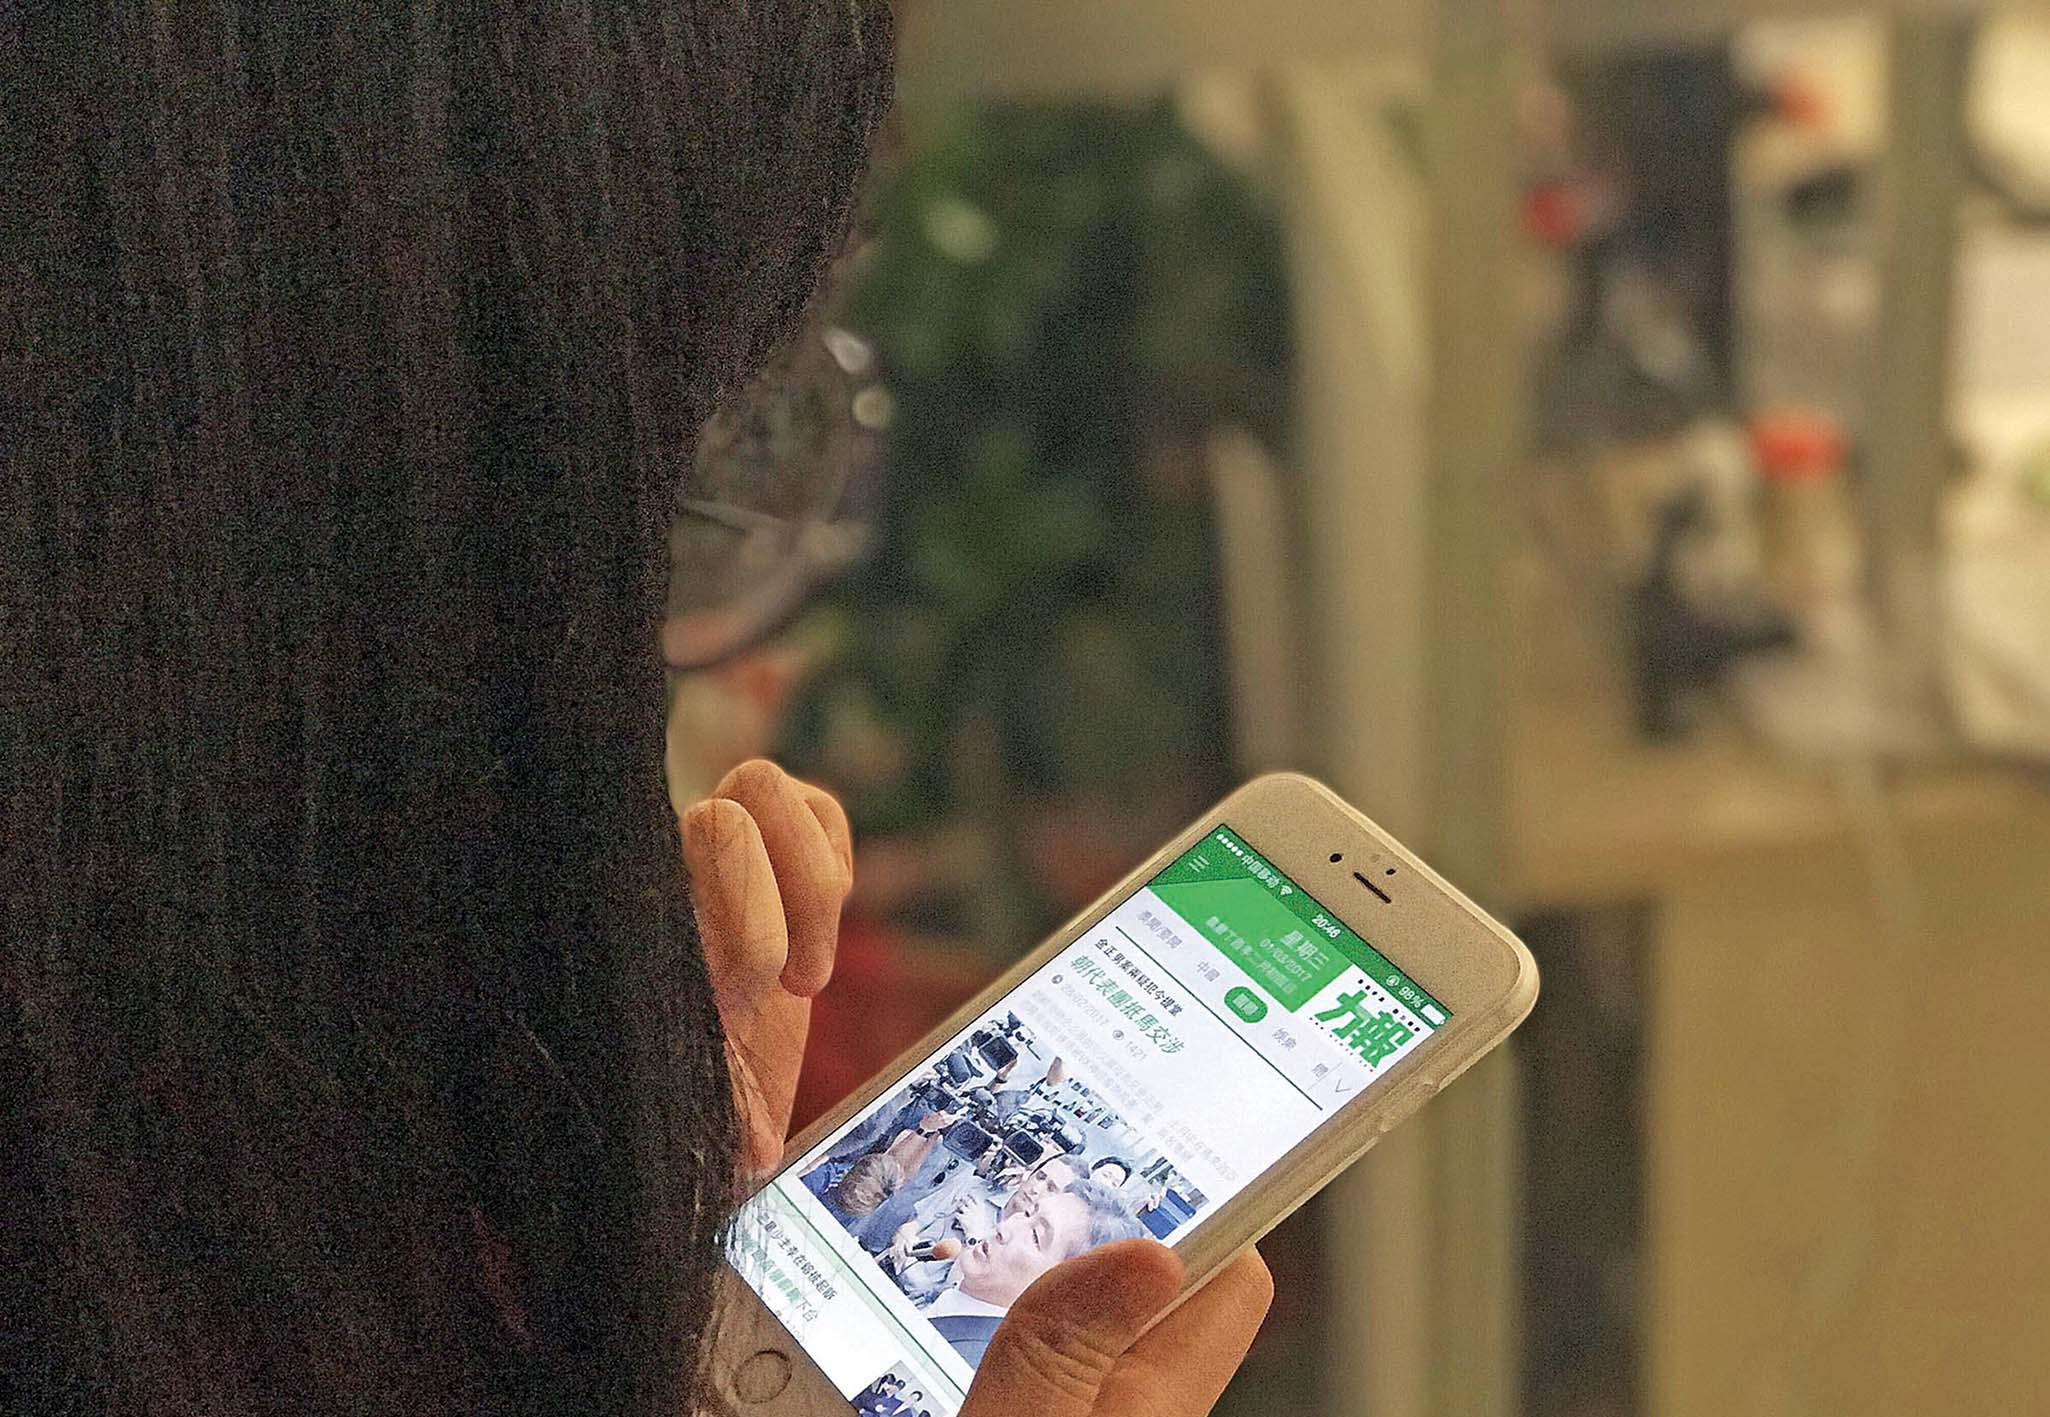 手機成上網獲取資訊主要工具